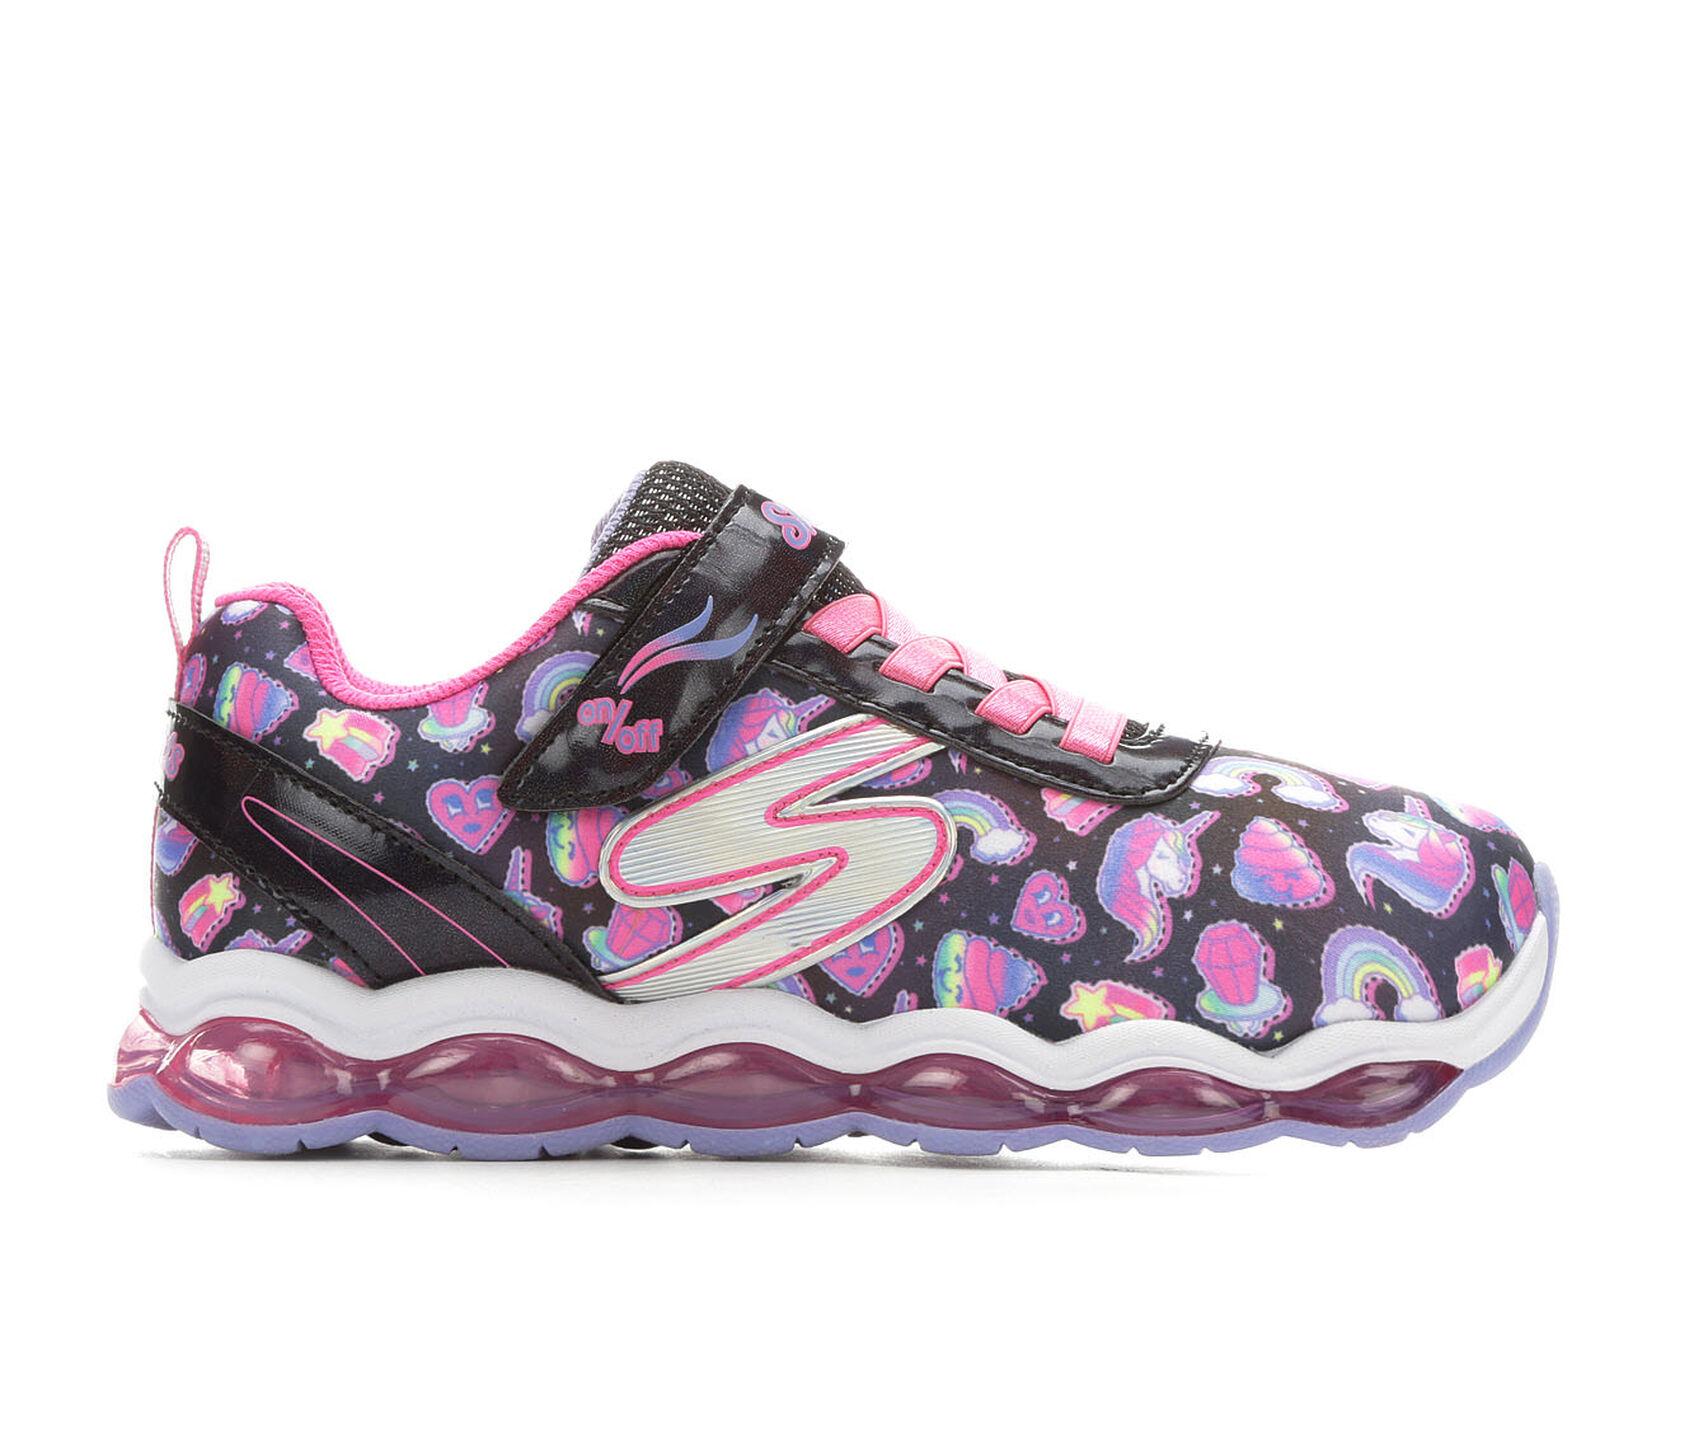 f30090eb Girls' Skechers Little Kid Sparkle Dreams Light-Up Sneakers | Shoe ...